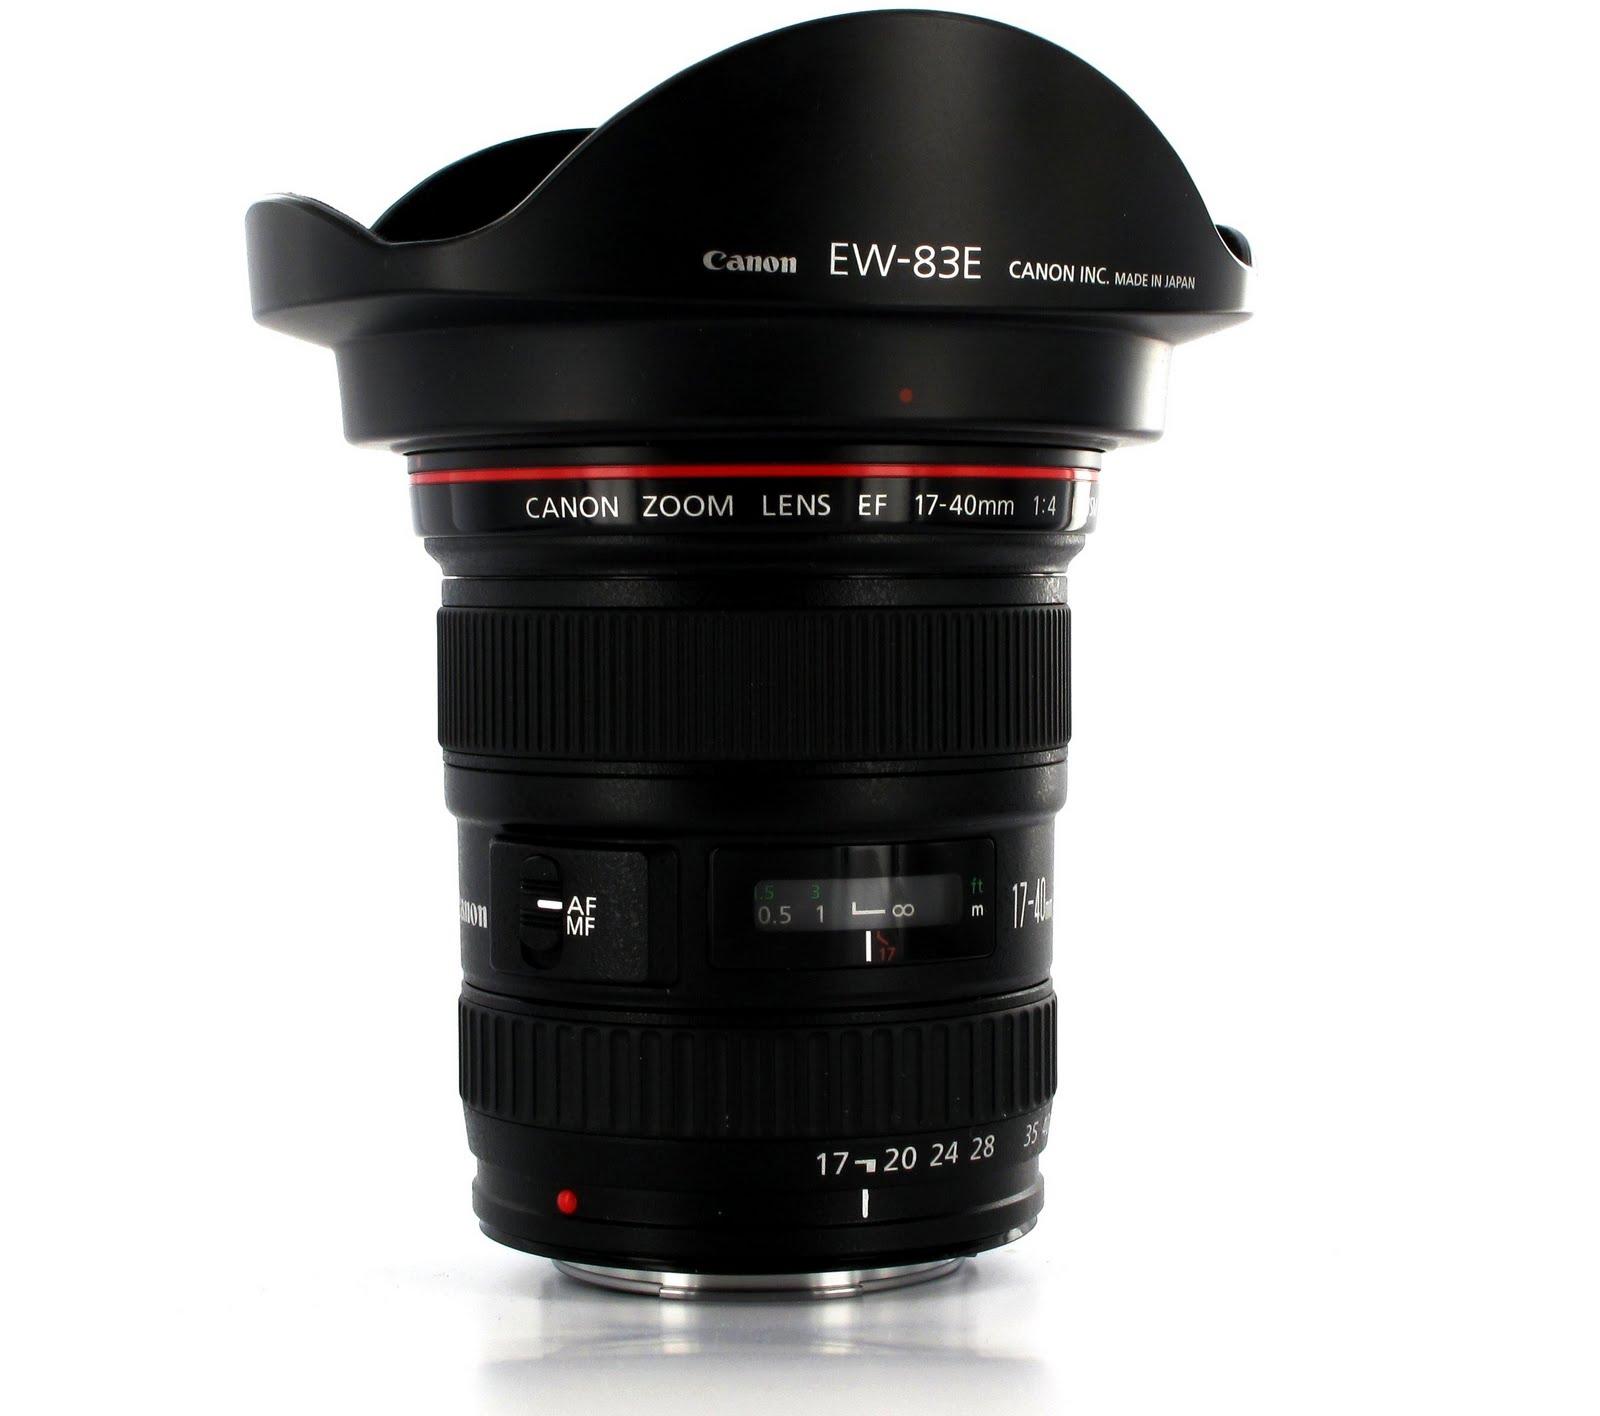 http://1.bp.blogspot.com/_RZBxIPJH4aA/TMPcmYj6d8I/AAAAAAAAAUo/r0dc2SO-FvU/s1600/canon+17-40mm+f4.jpg